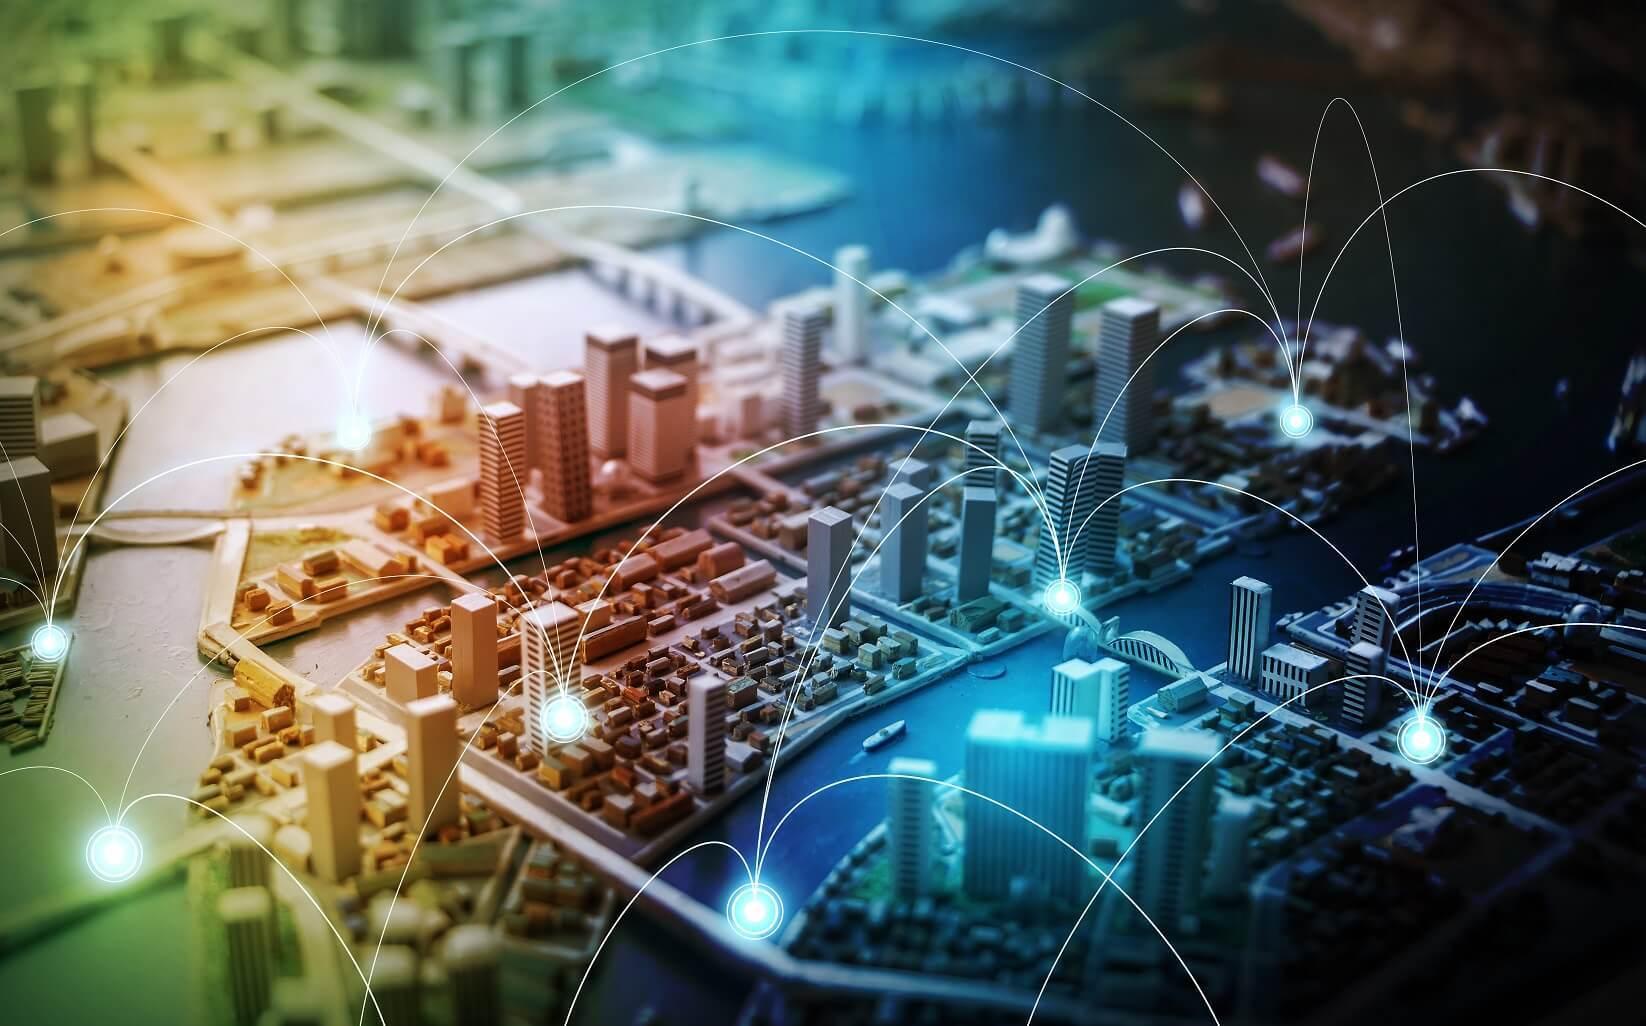 Convergenza al centro delle nuove opportunità per banche e compagnie assicurative